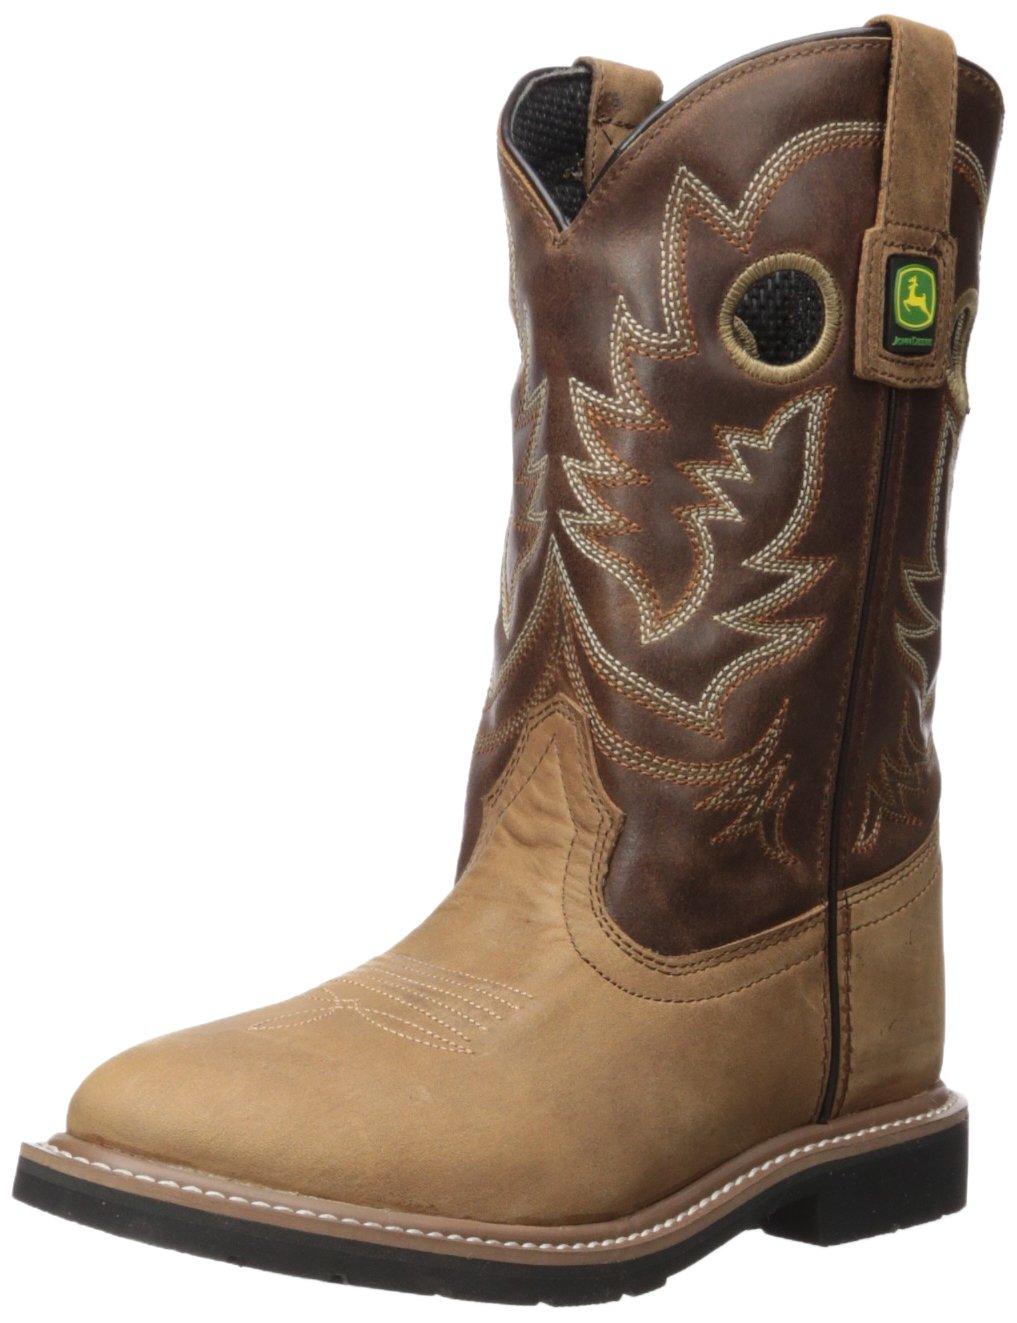 John Deere Unisex-Kids JD3502 Western Boot, Brown, 4 Medium US Big Kid